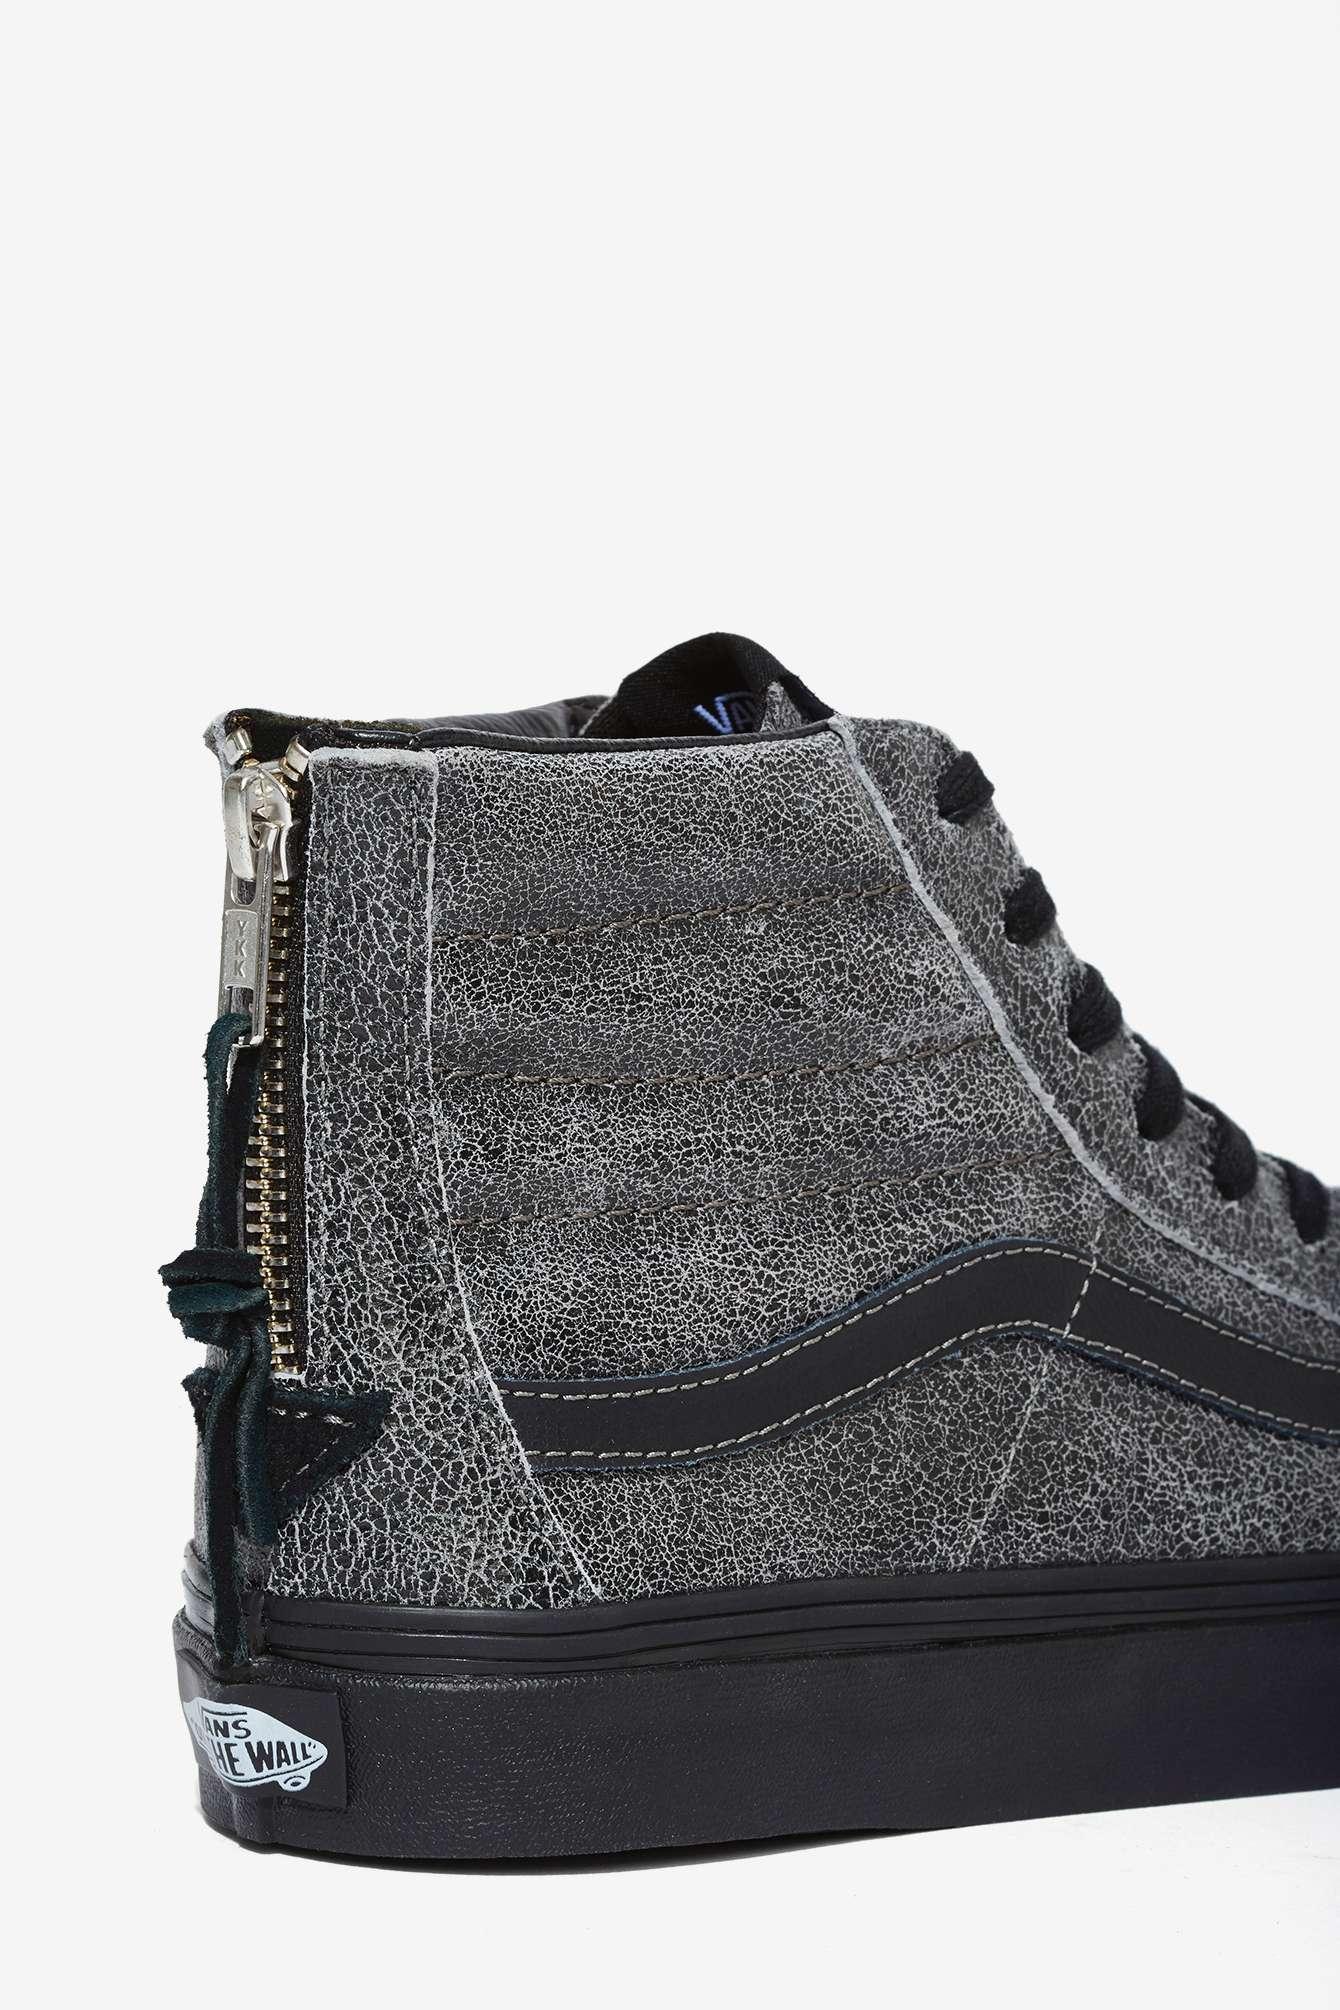 Lyst - Nasty gal Sk8-hi Slim Sneaker - Black Crackle Suede